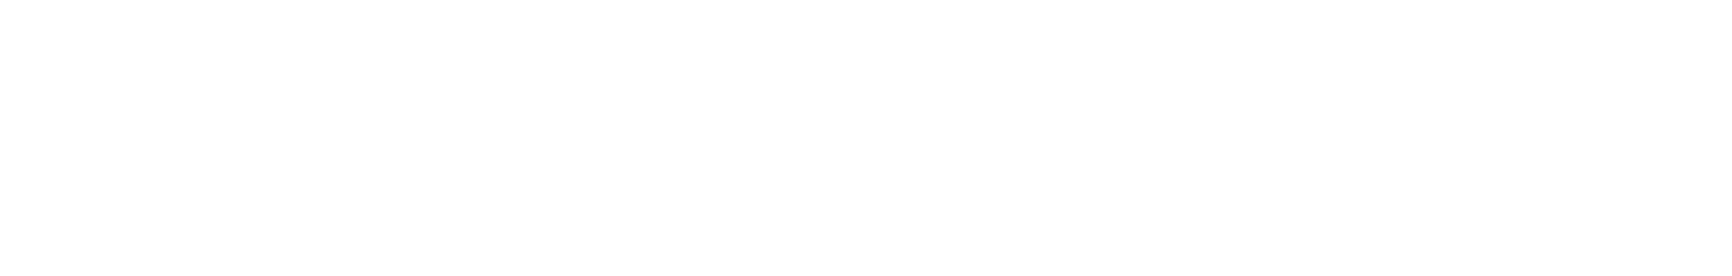 bothodesign_logo_oneliner1